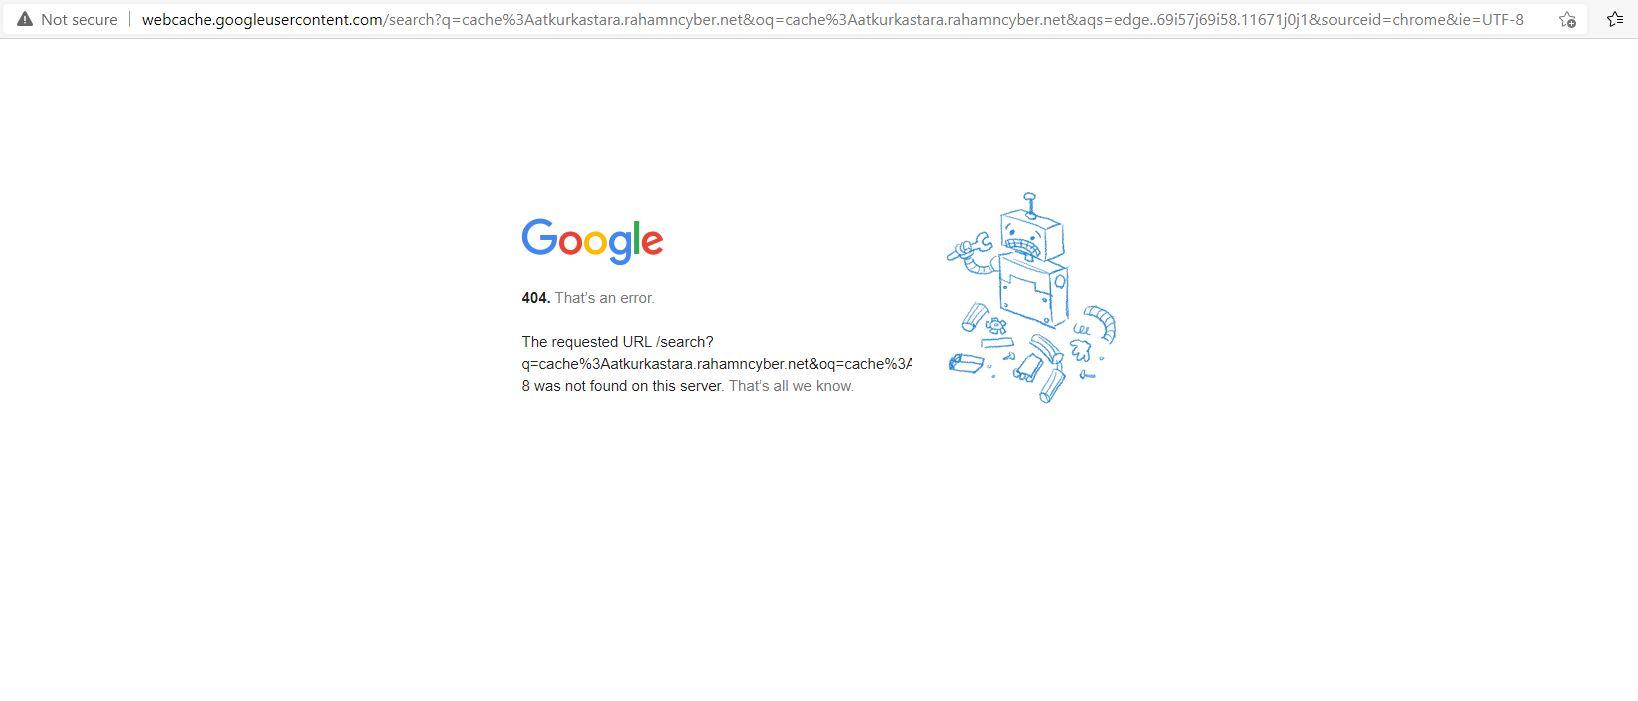 Web cache google error 404 di microsoft edge